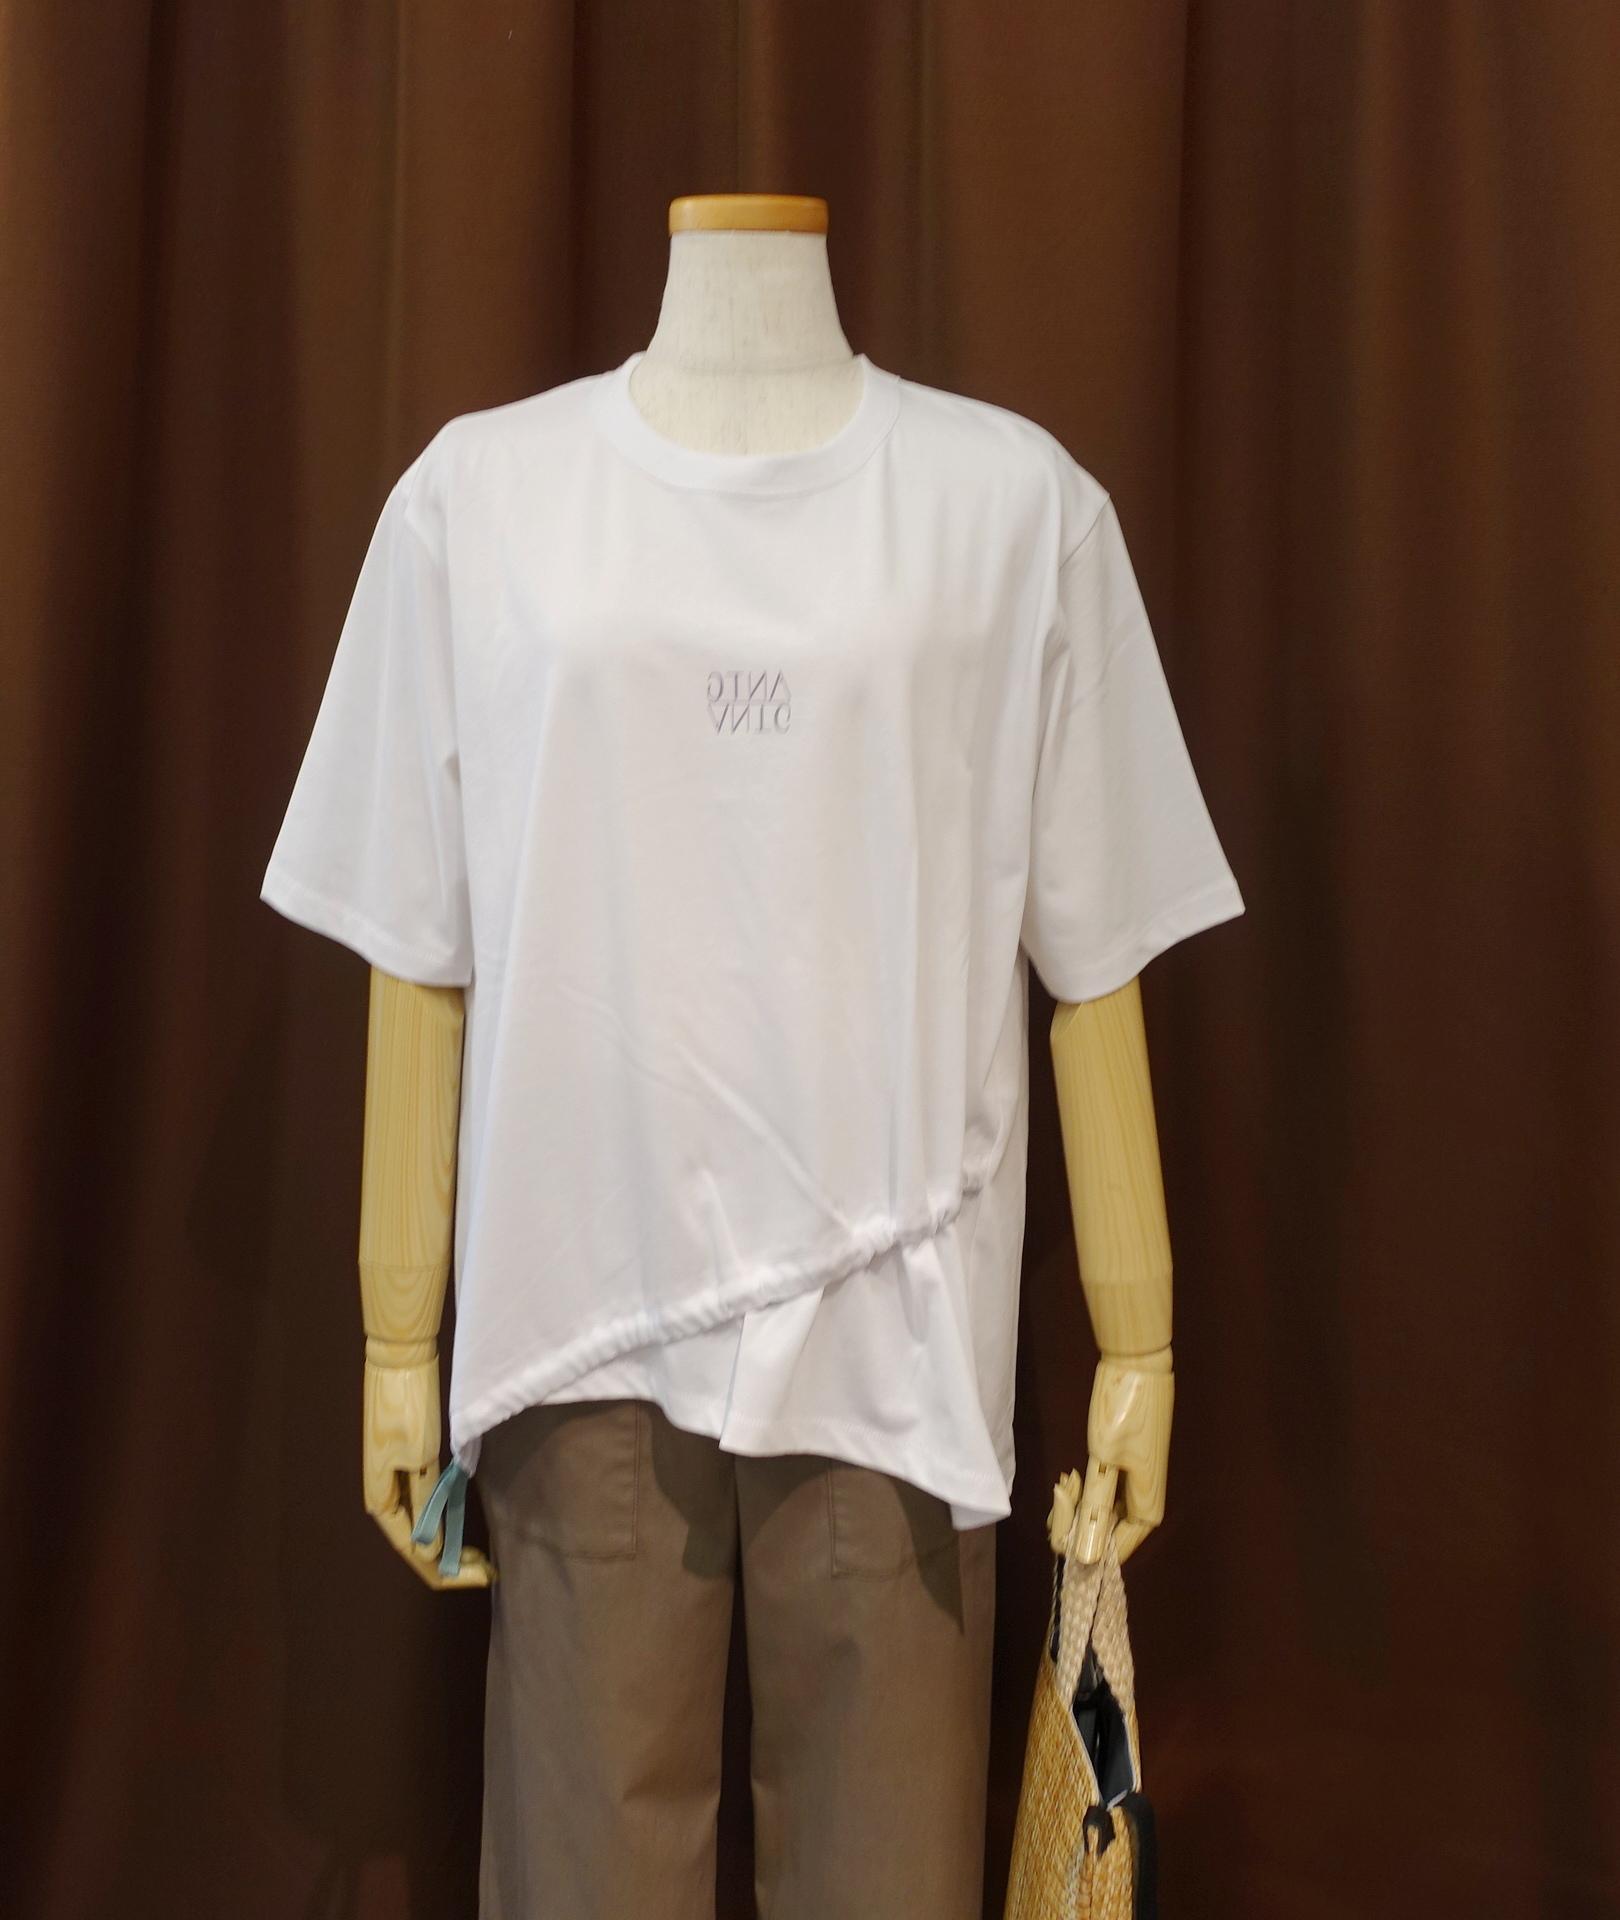 21091   アシメドロストT シャツ